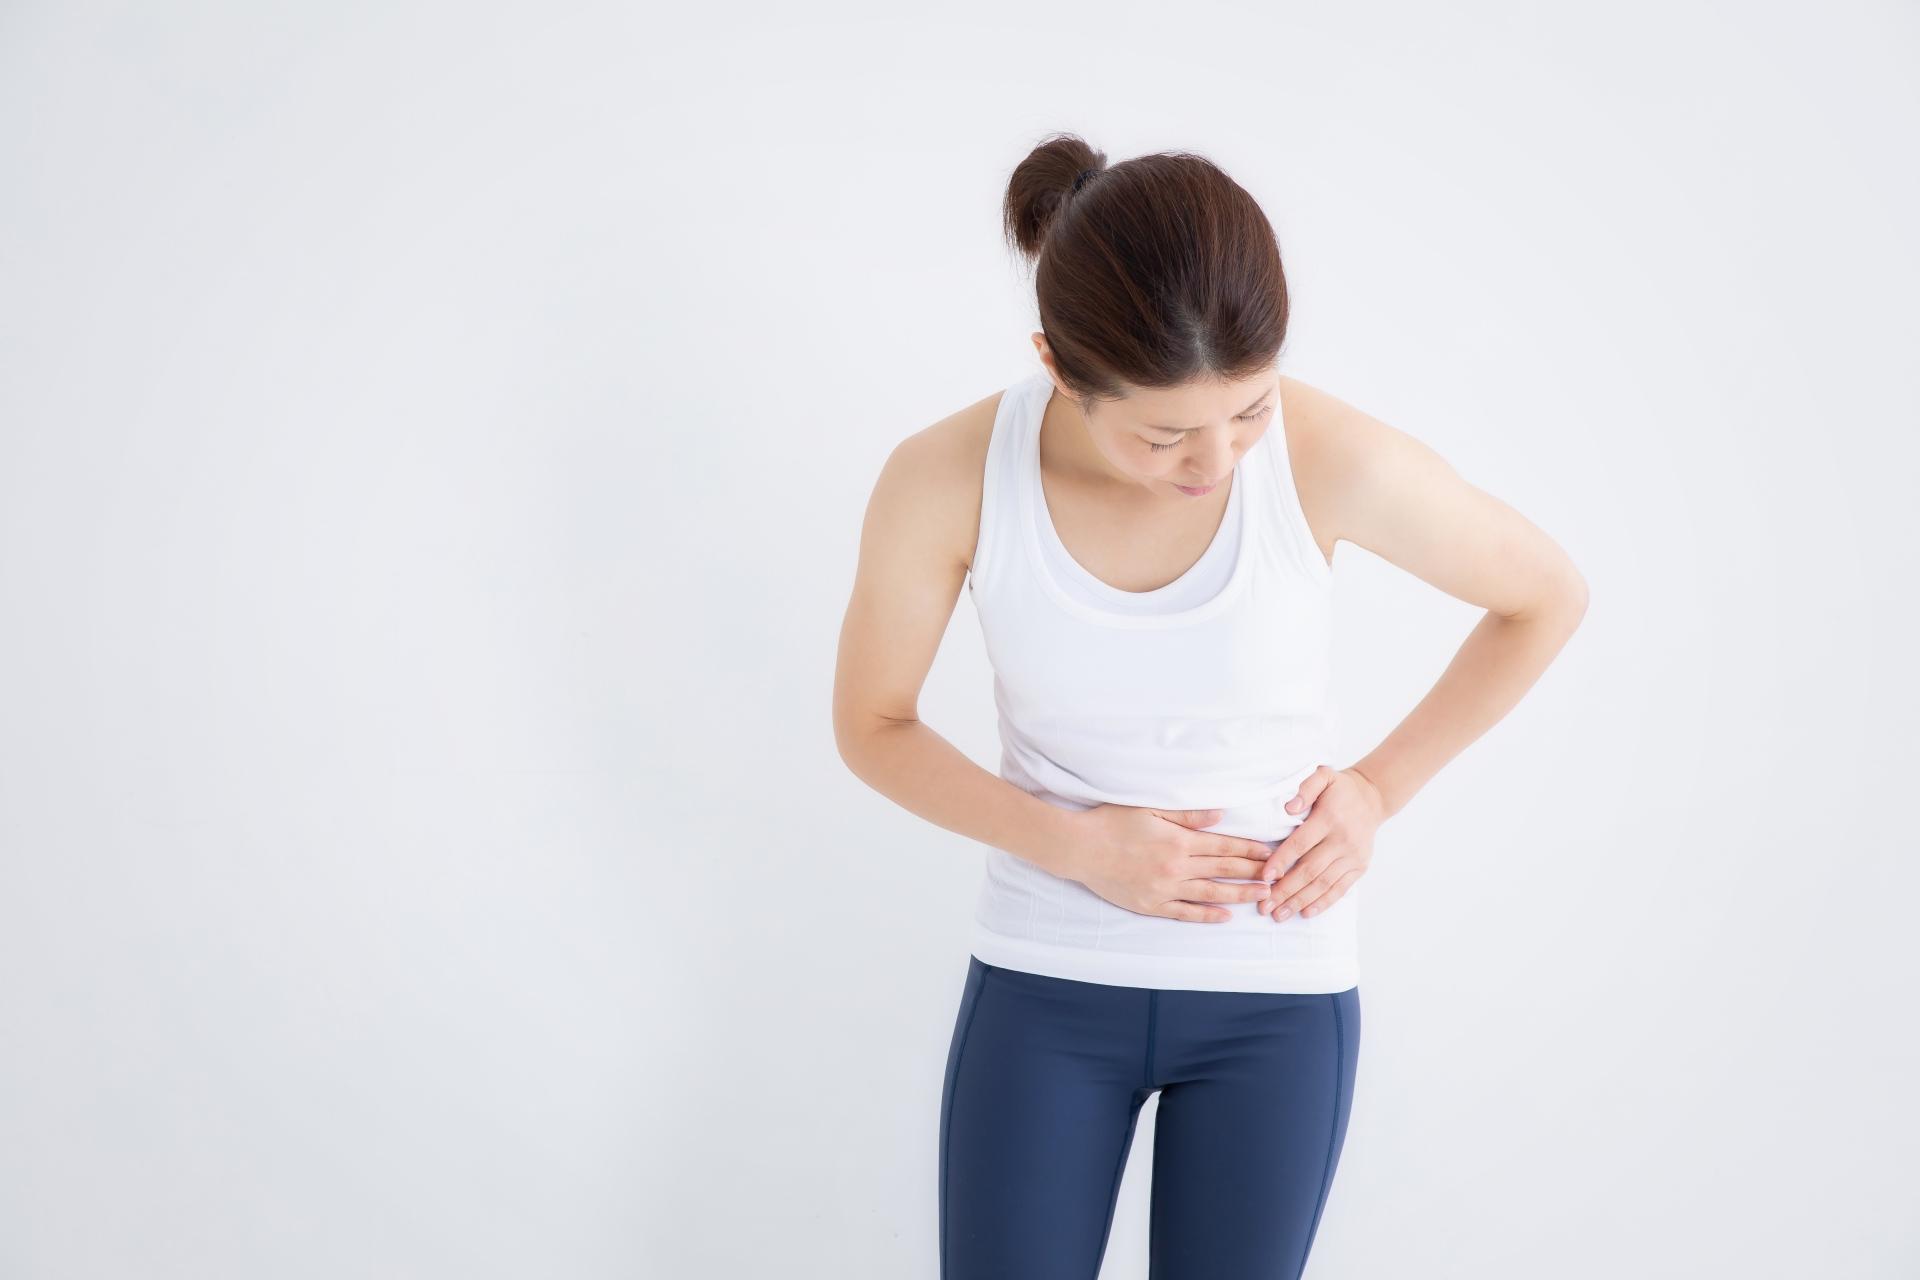 胆石症の痛みを感じる女性